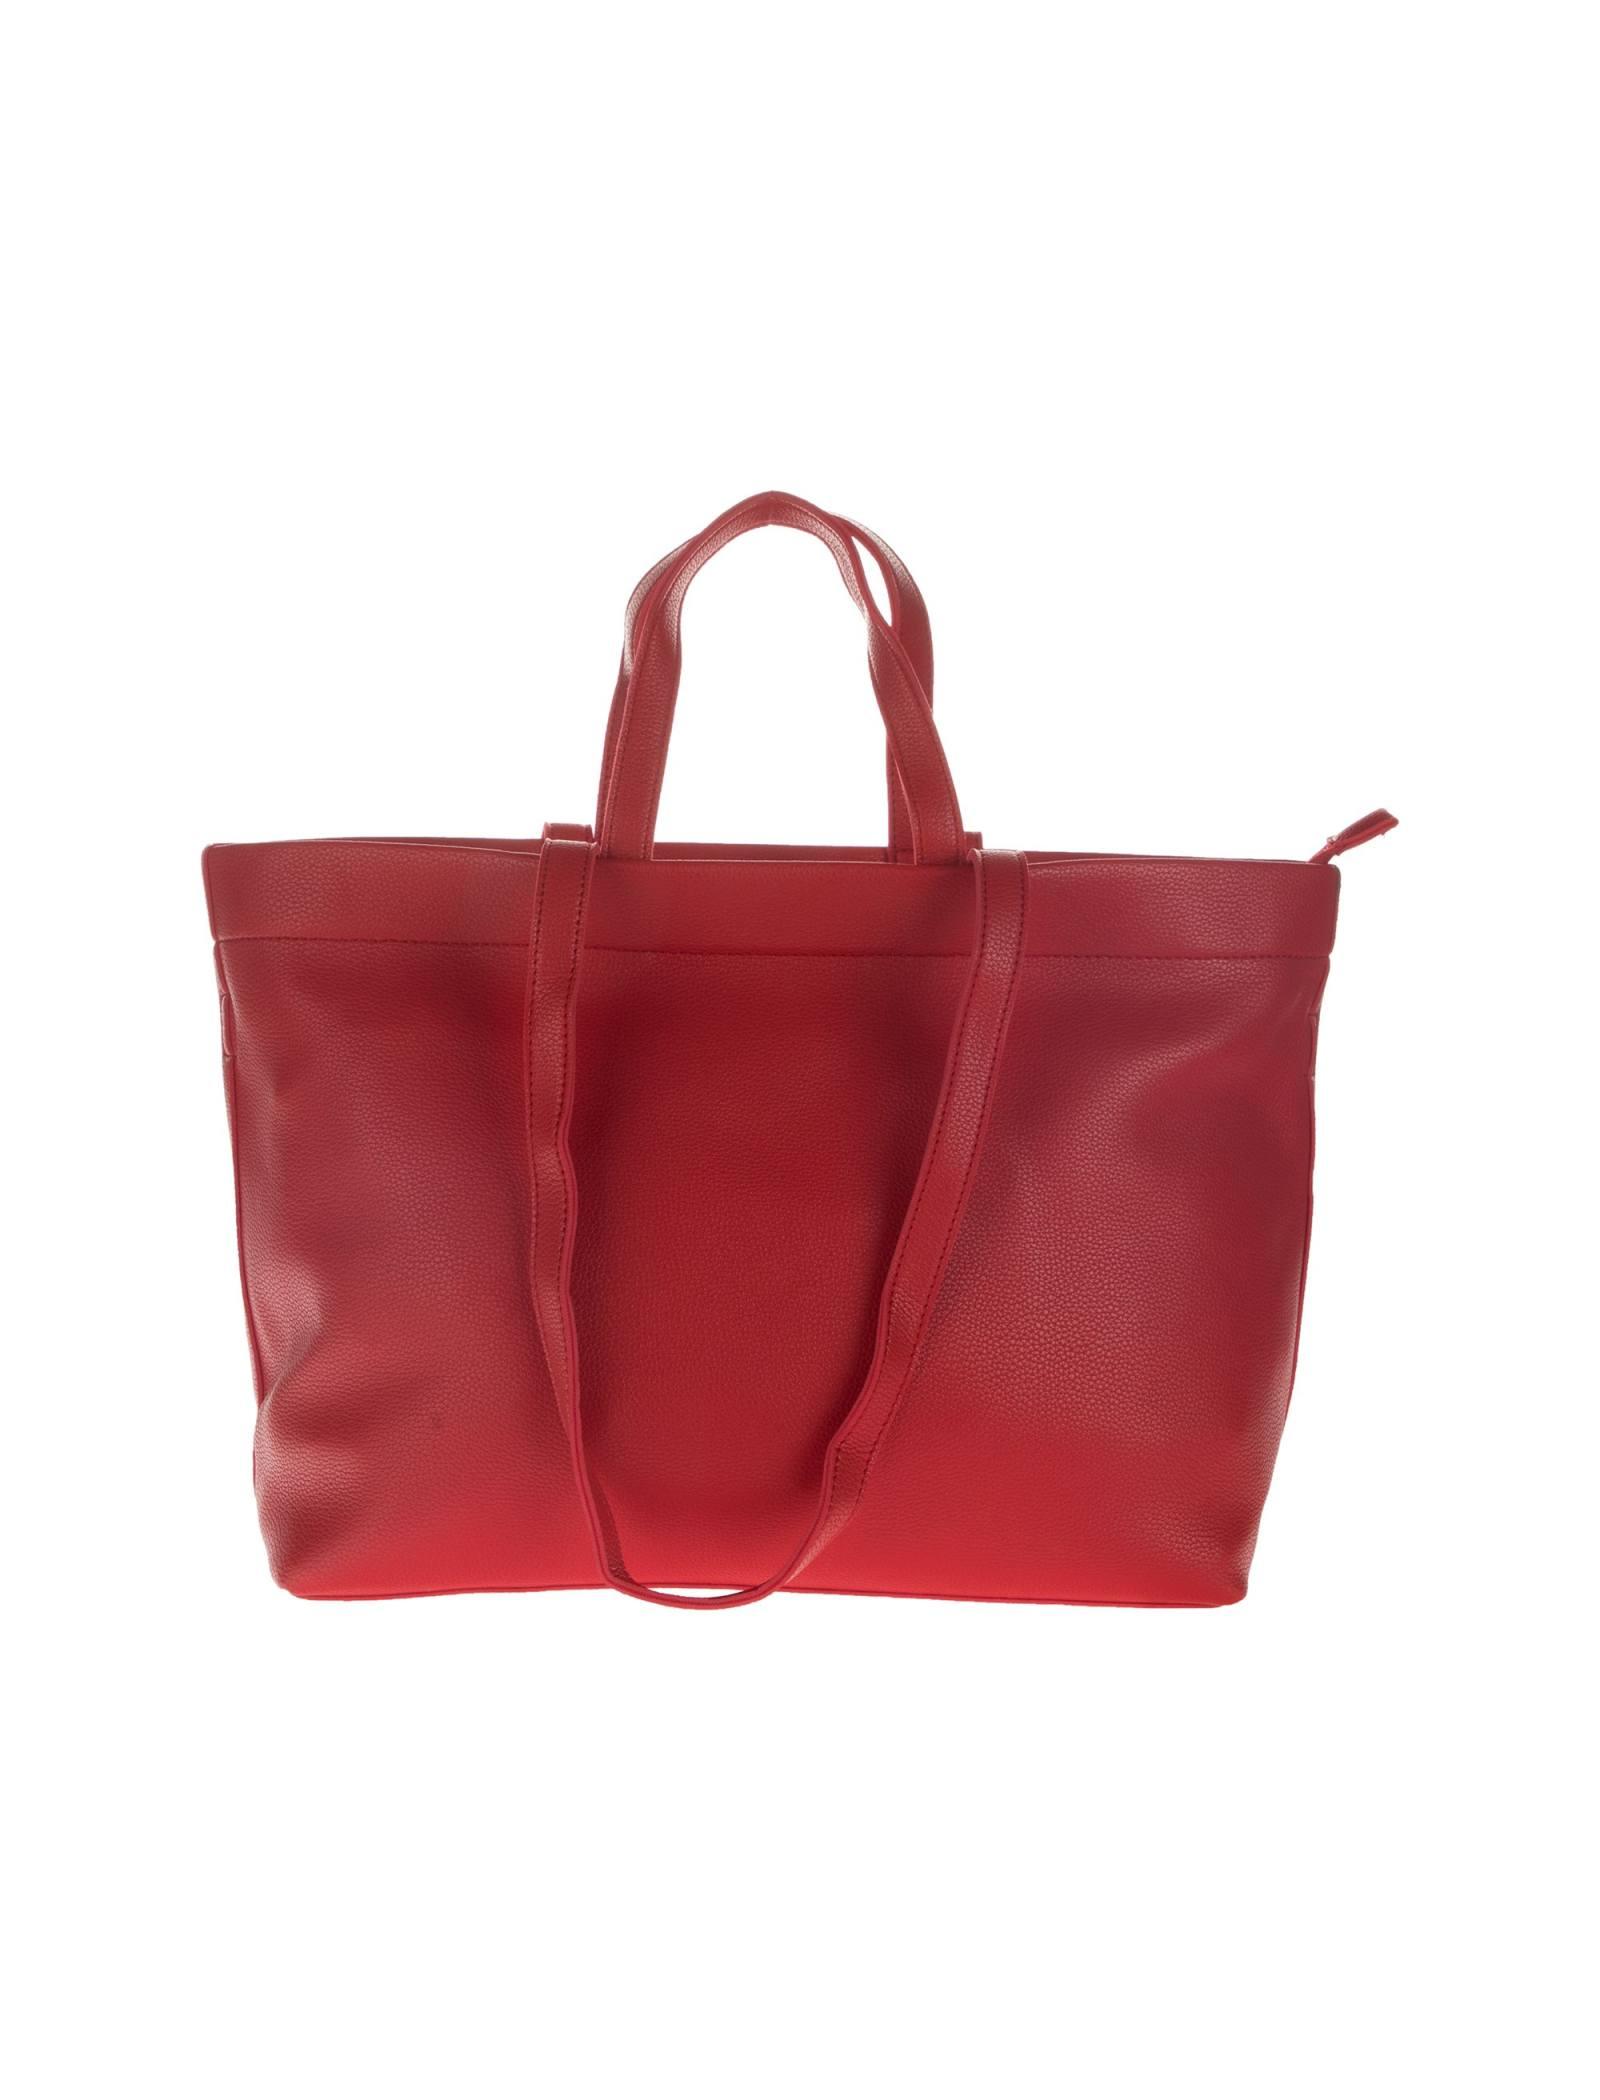 کیف دوشی روزمره زنانه - دادلین - قرمز  - 3